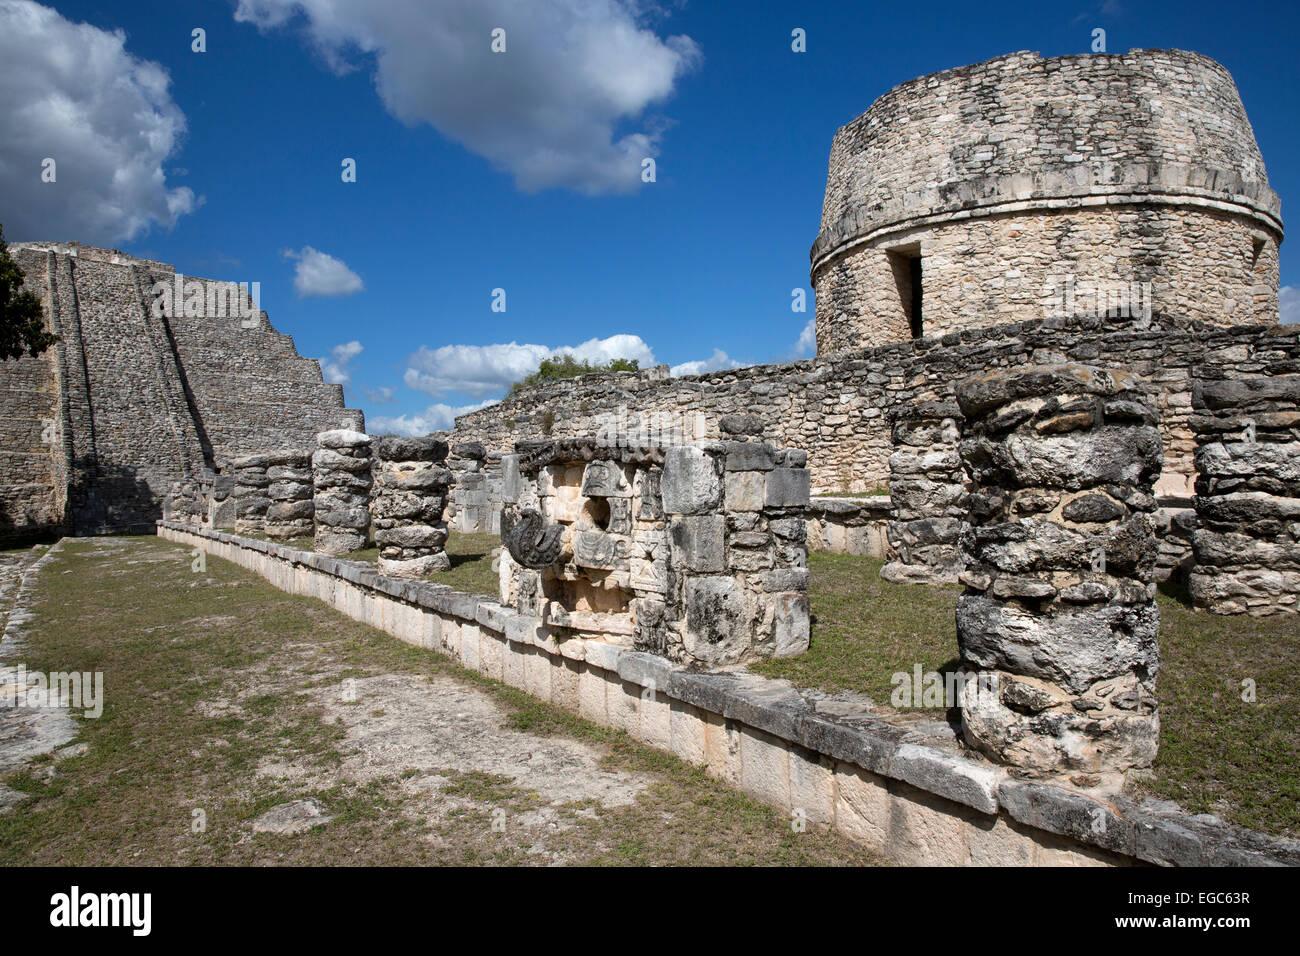 Mayan ruins at Mayapan, Yucatan, Mexico - Stock Image